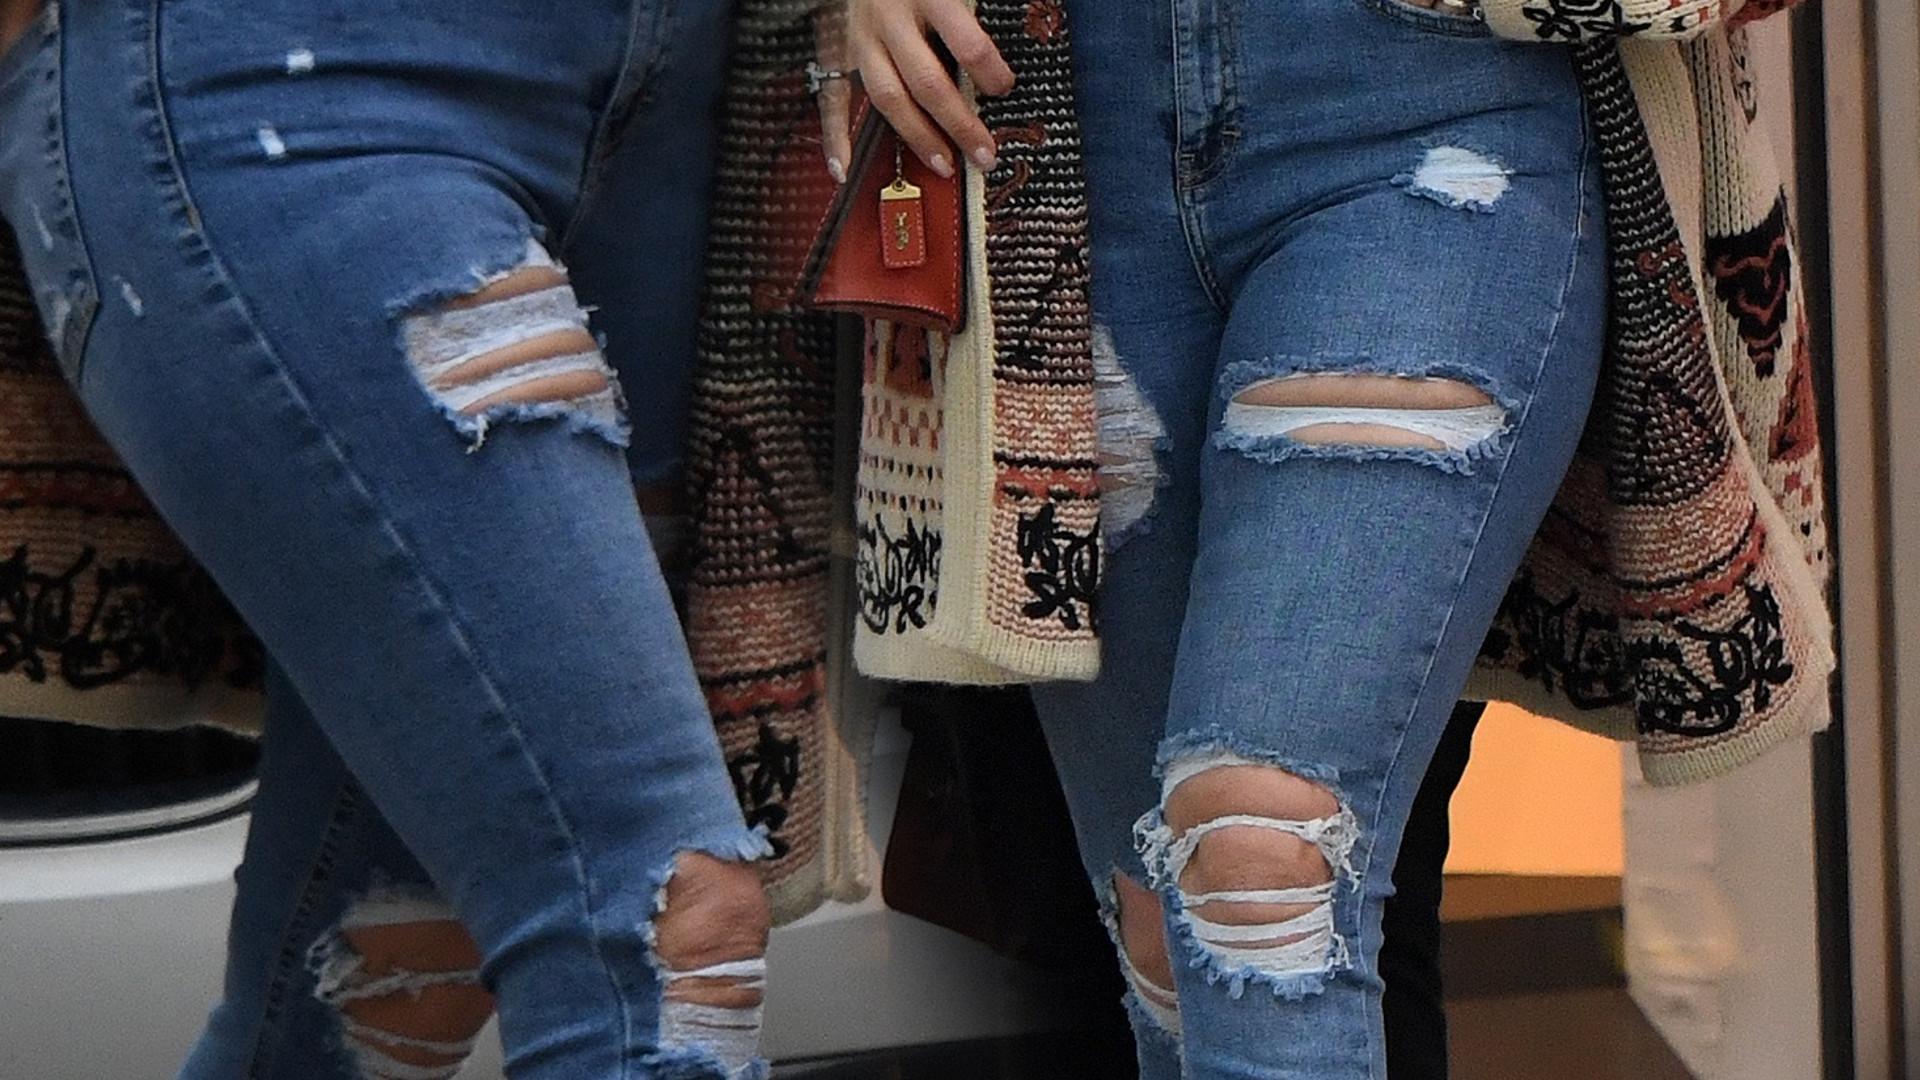 Która gwiazda kocha markowe torebki i podarte dżinsy (nie, to nie jest Khloe Kardashian)